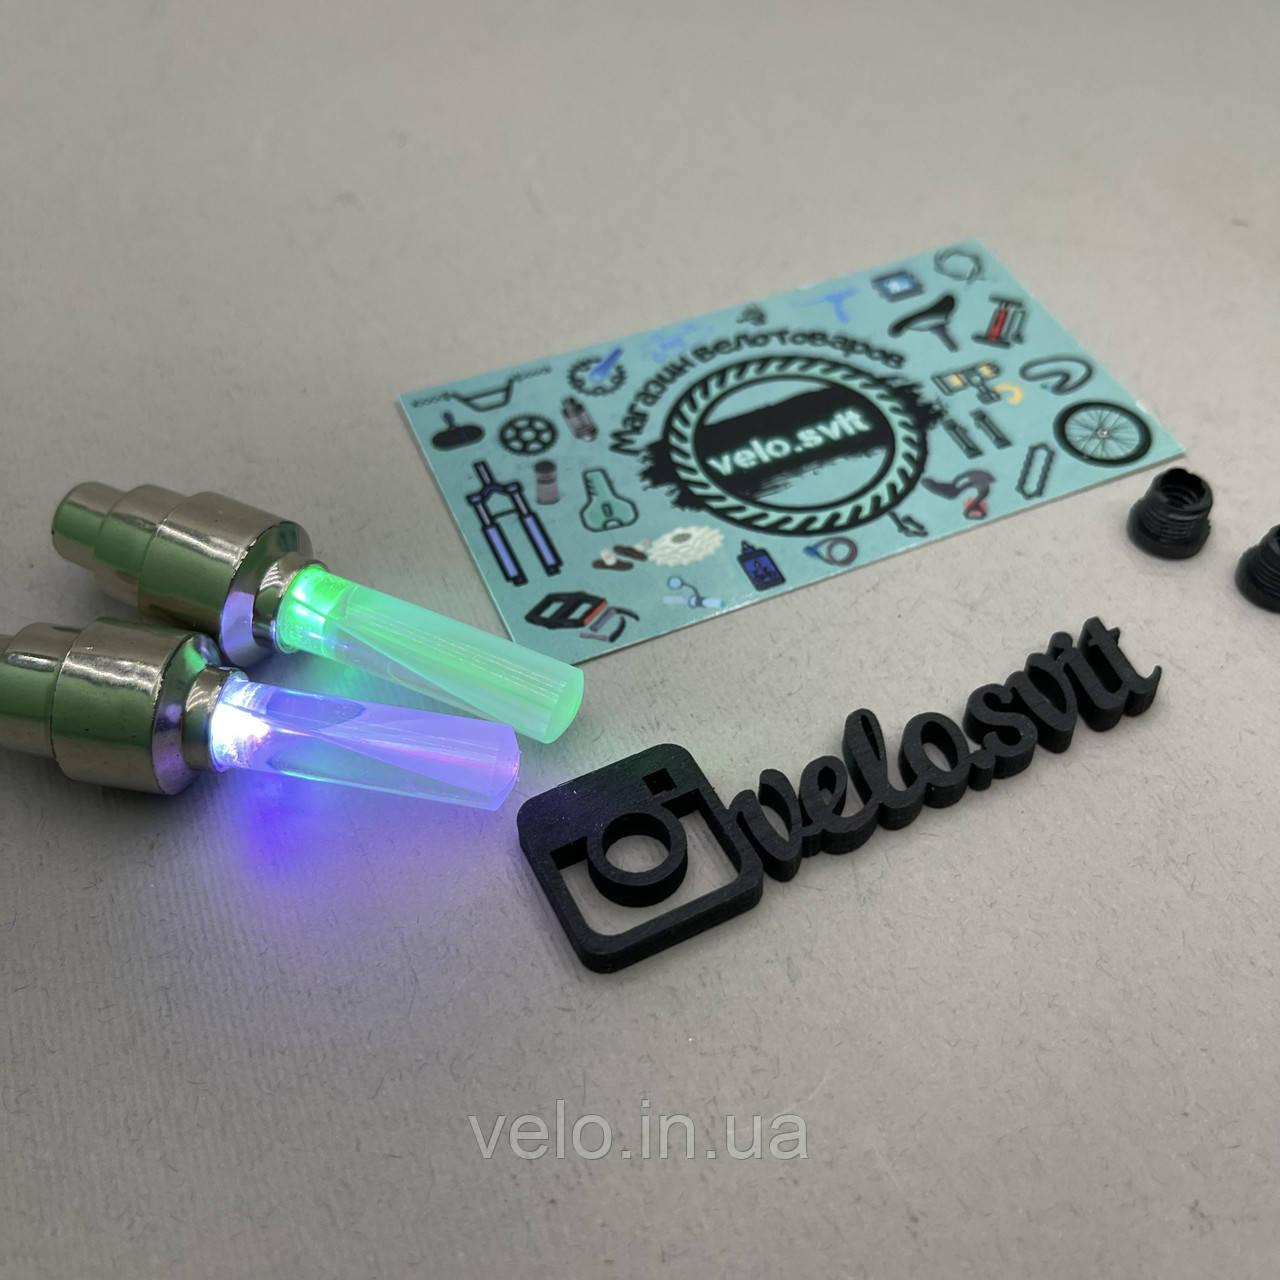 Светодиодная подсветка колес велосипеда  разноцветная